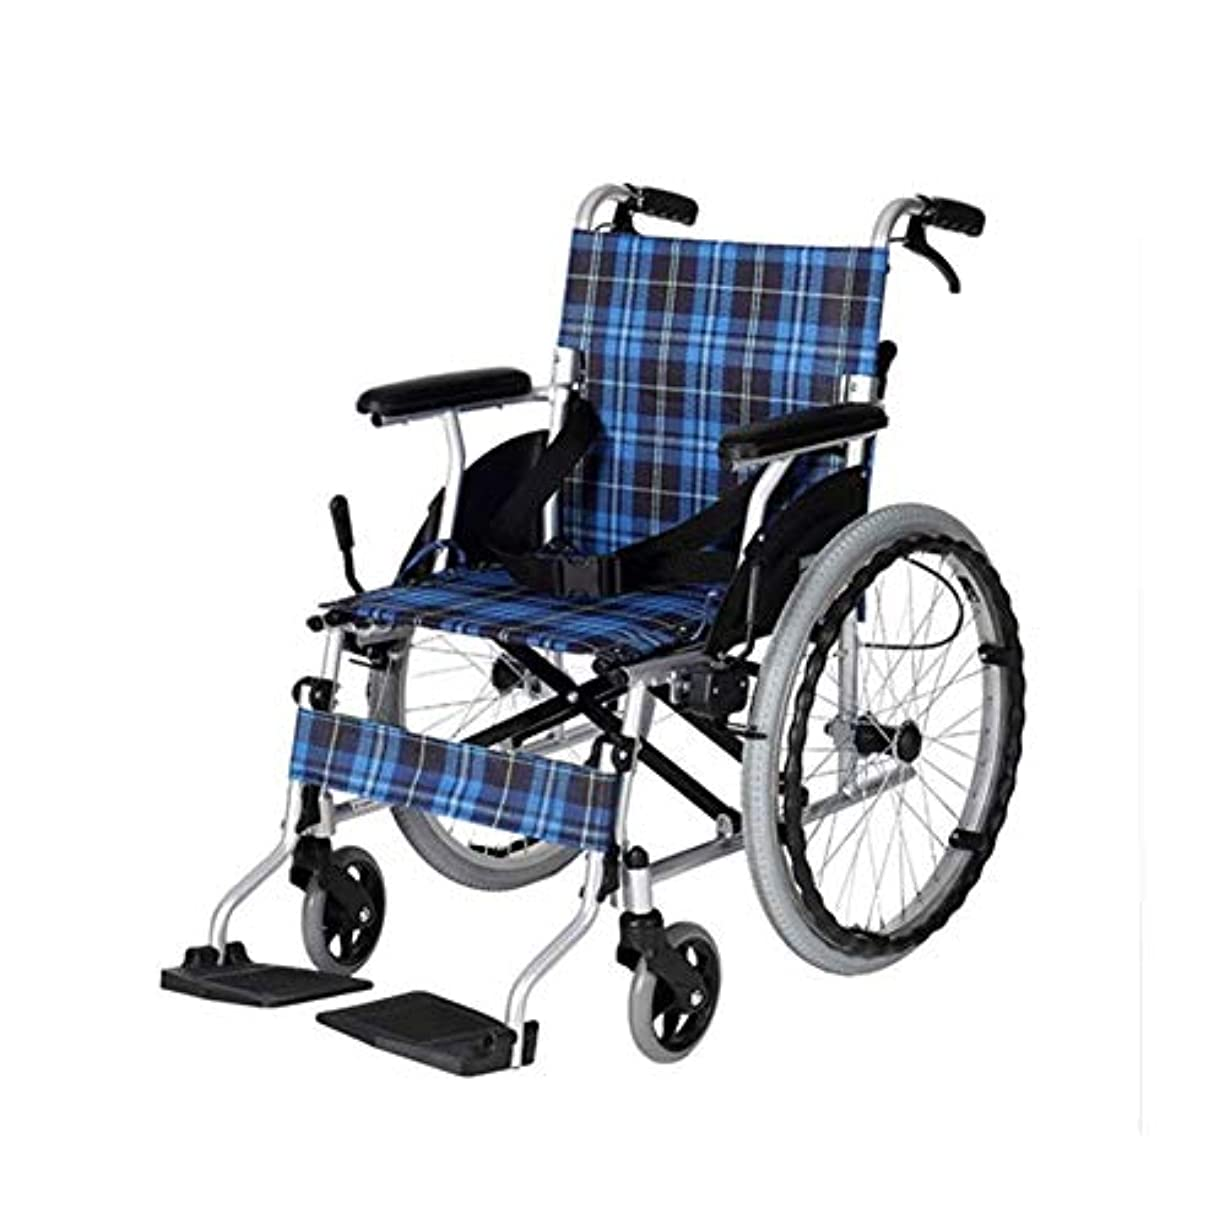 チャンピオンピット忘れっぽいデラックス自走式アルミニウム車椅子、軽量で折り畳み可能なフレームのビッグホイール、ハンドプッシュリング、フロントおよびリアブレーキコントロールチェア付き